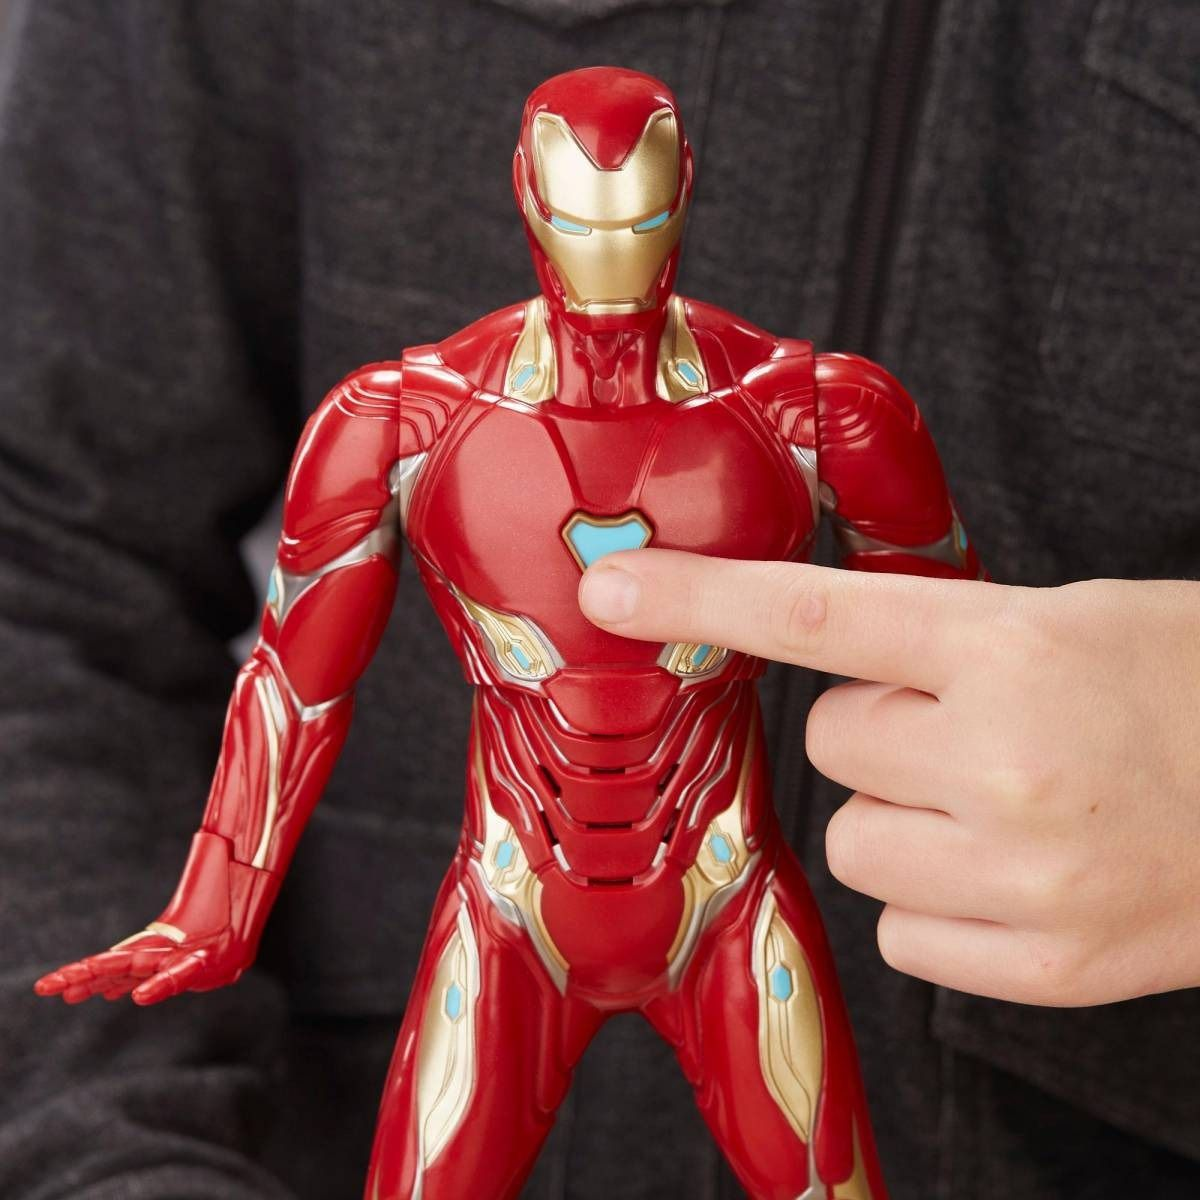 Boneco Avengers Homem de Ferro Repulsor Blast com Som - Hasbro